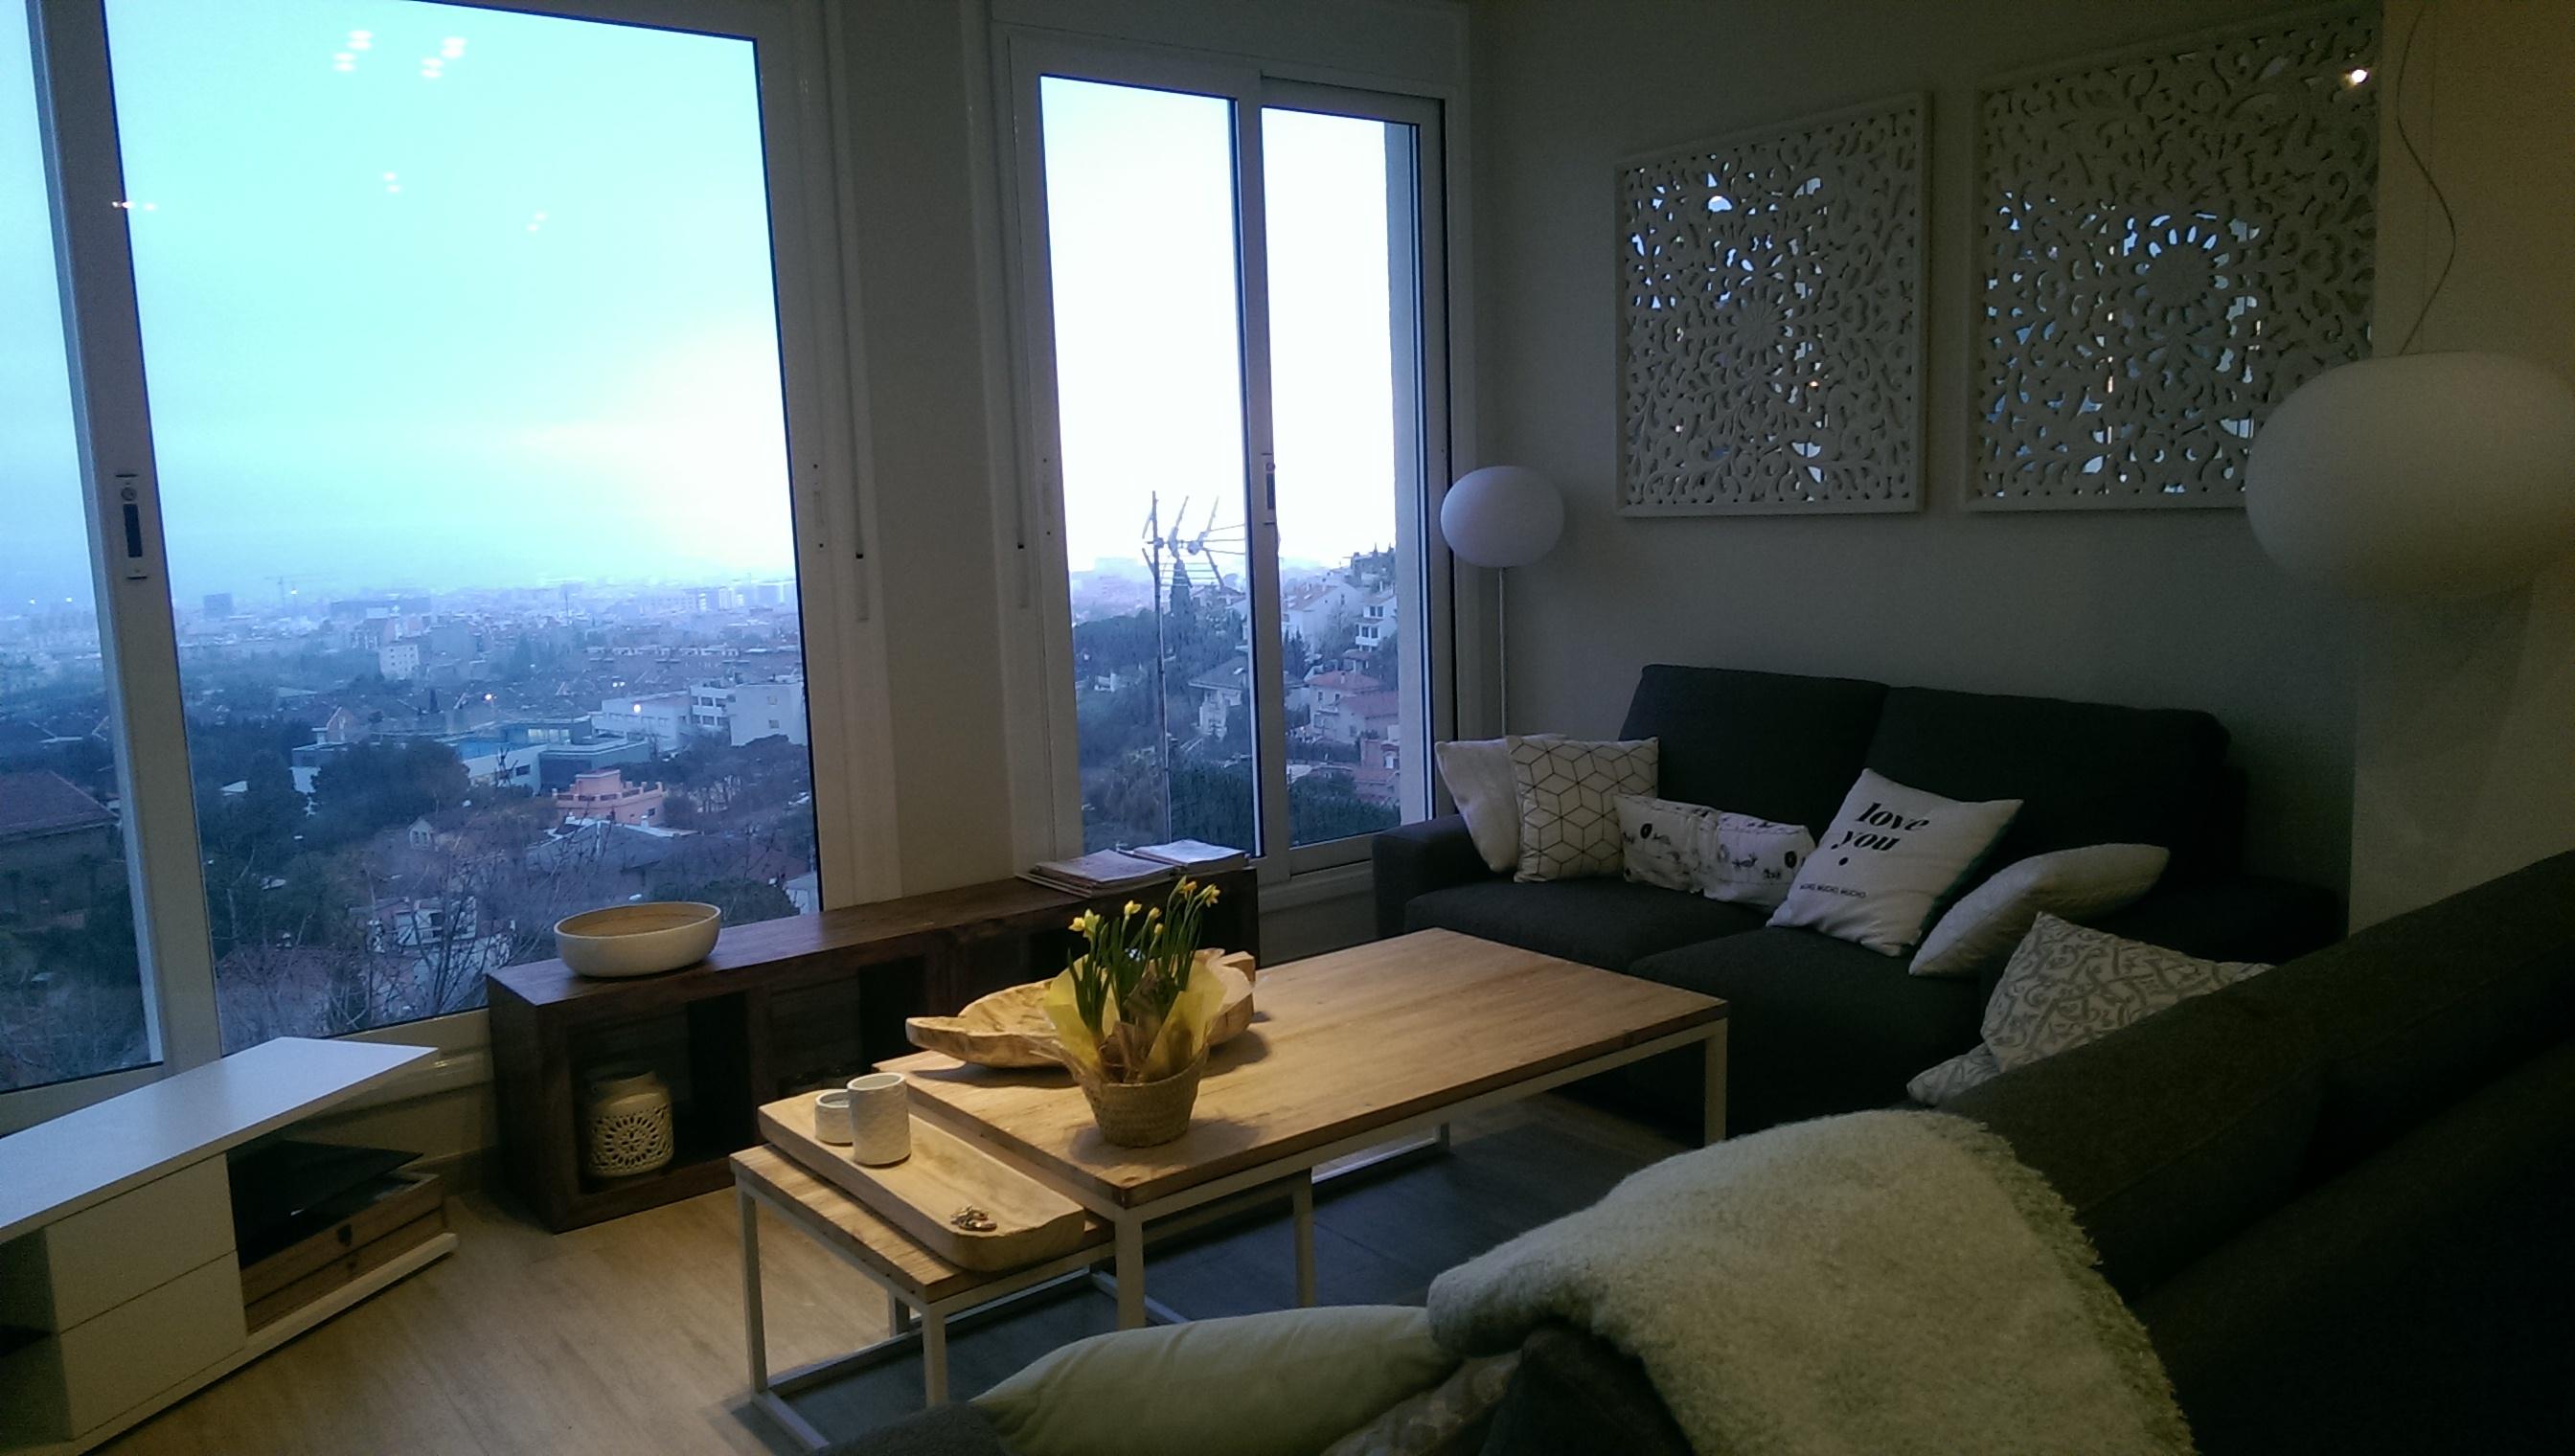 Venta casa esplugues de llobregat barcelona espana for Portales inmobiliarios barcelona